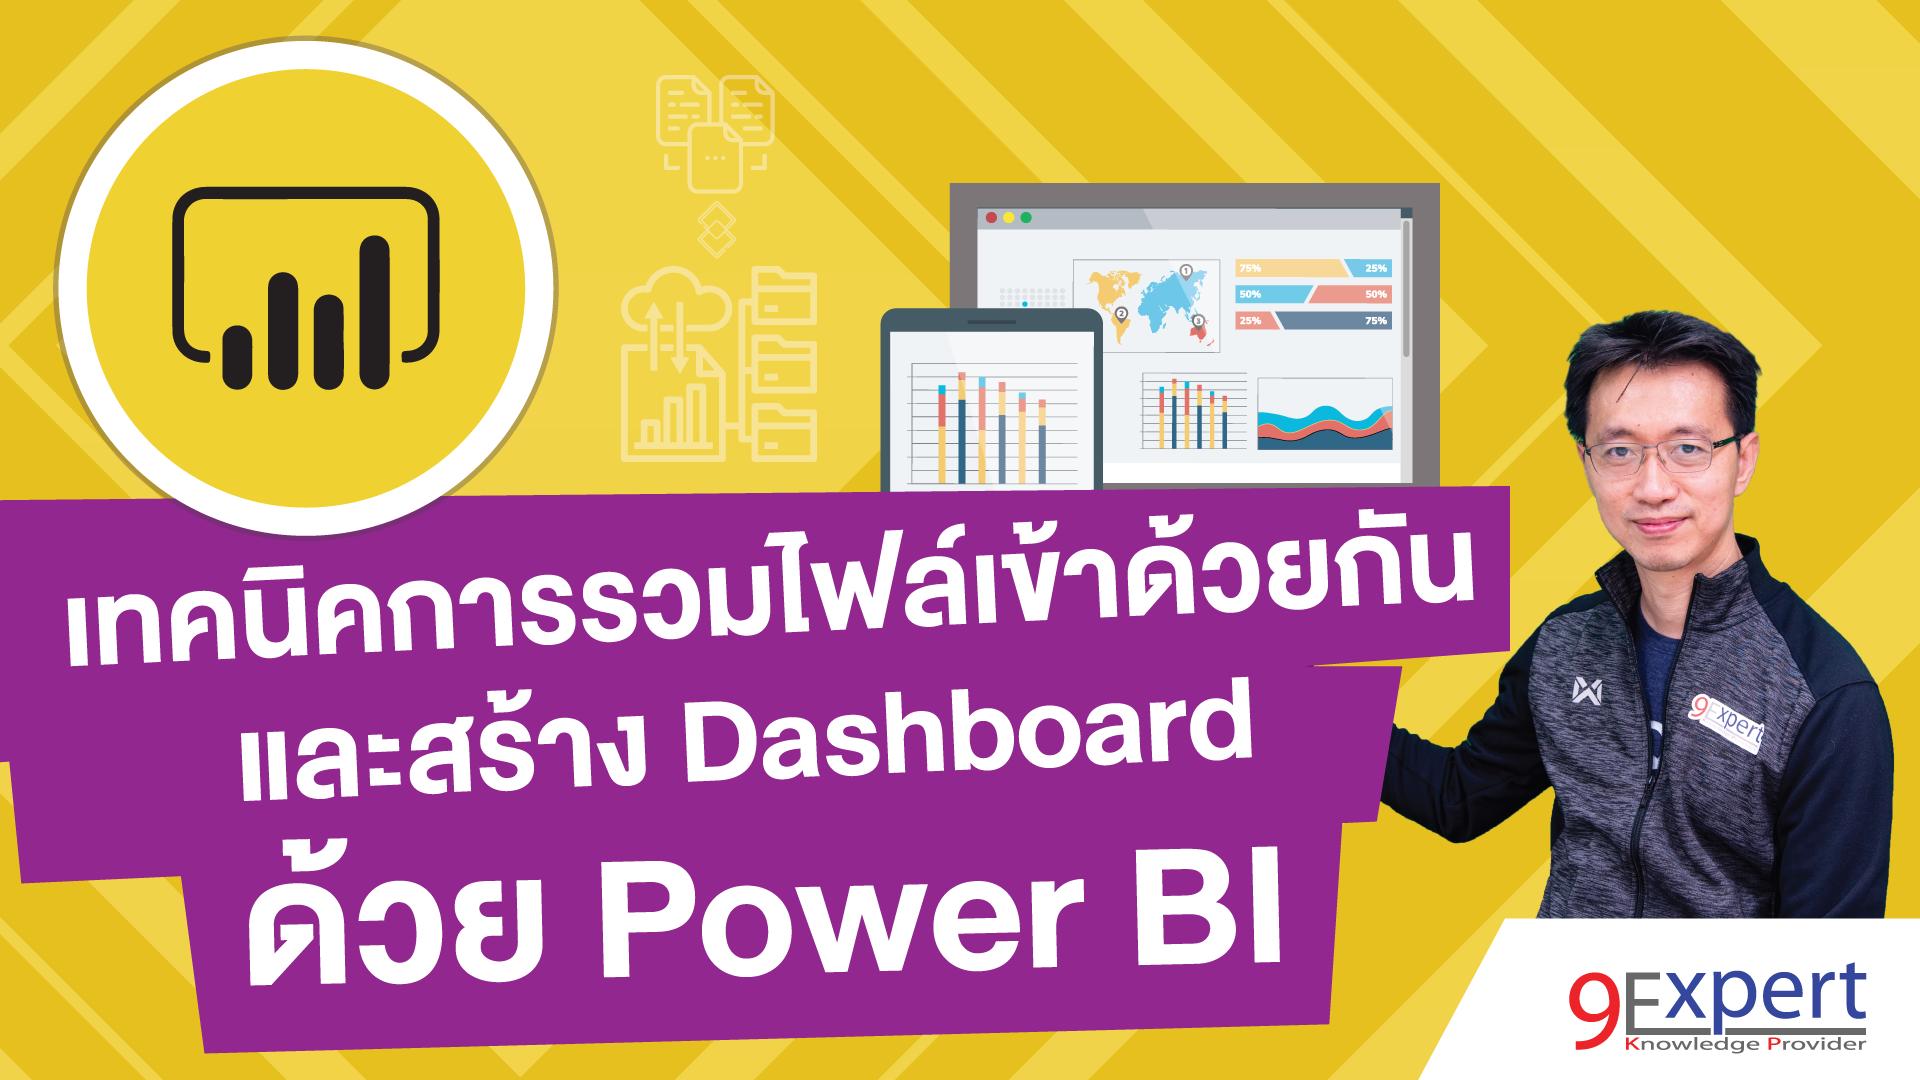 เทคนิคการรวมไฟล์เข้าด้วยกันด้วย Power BI และสร้าง Dashboard